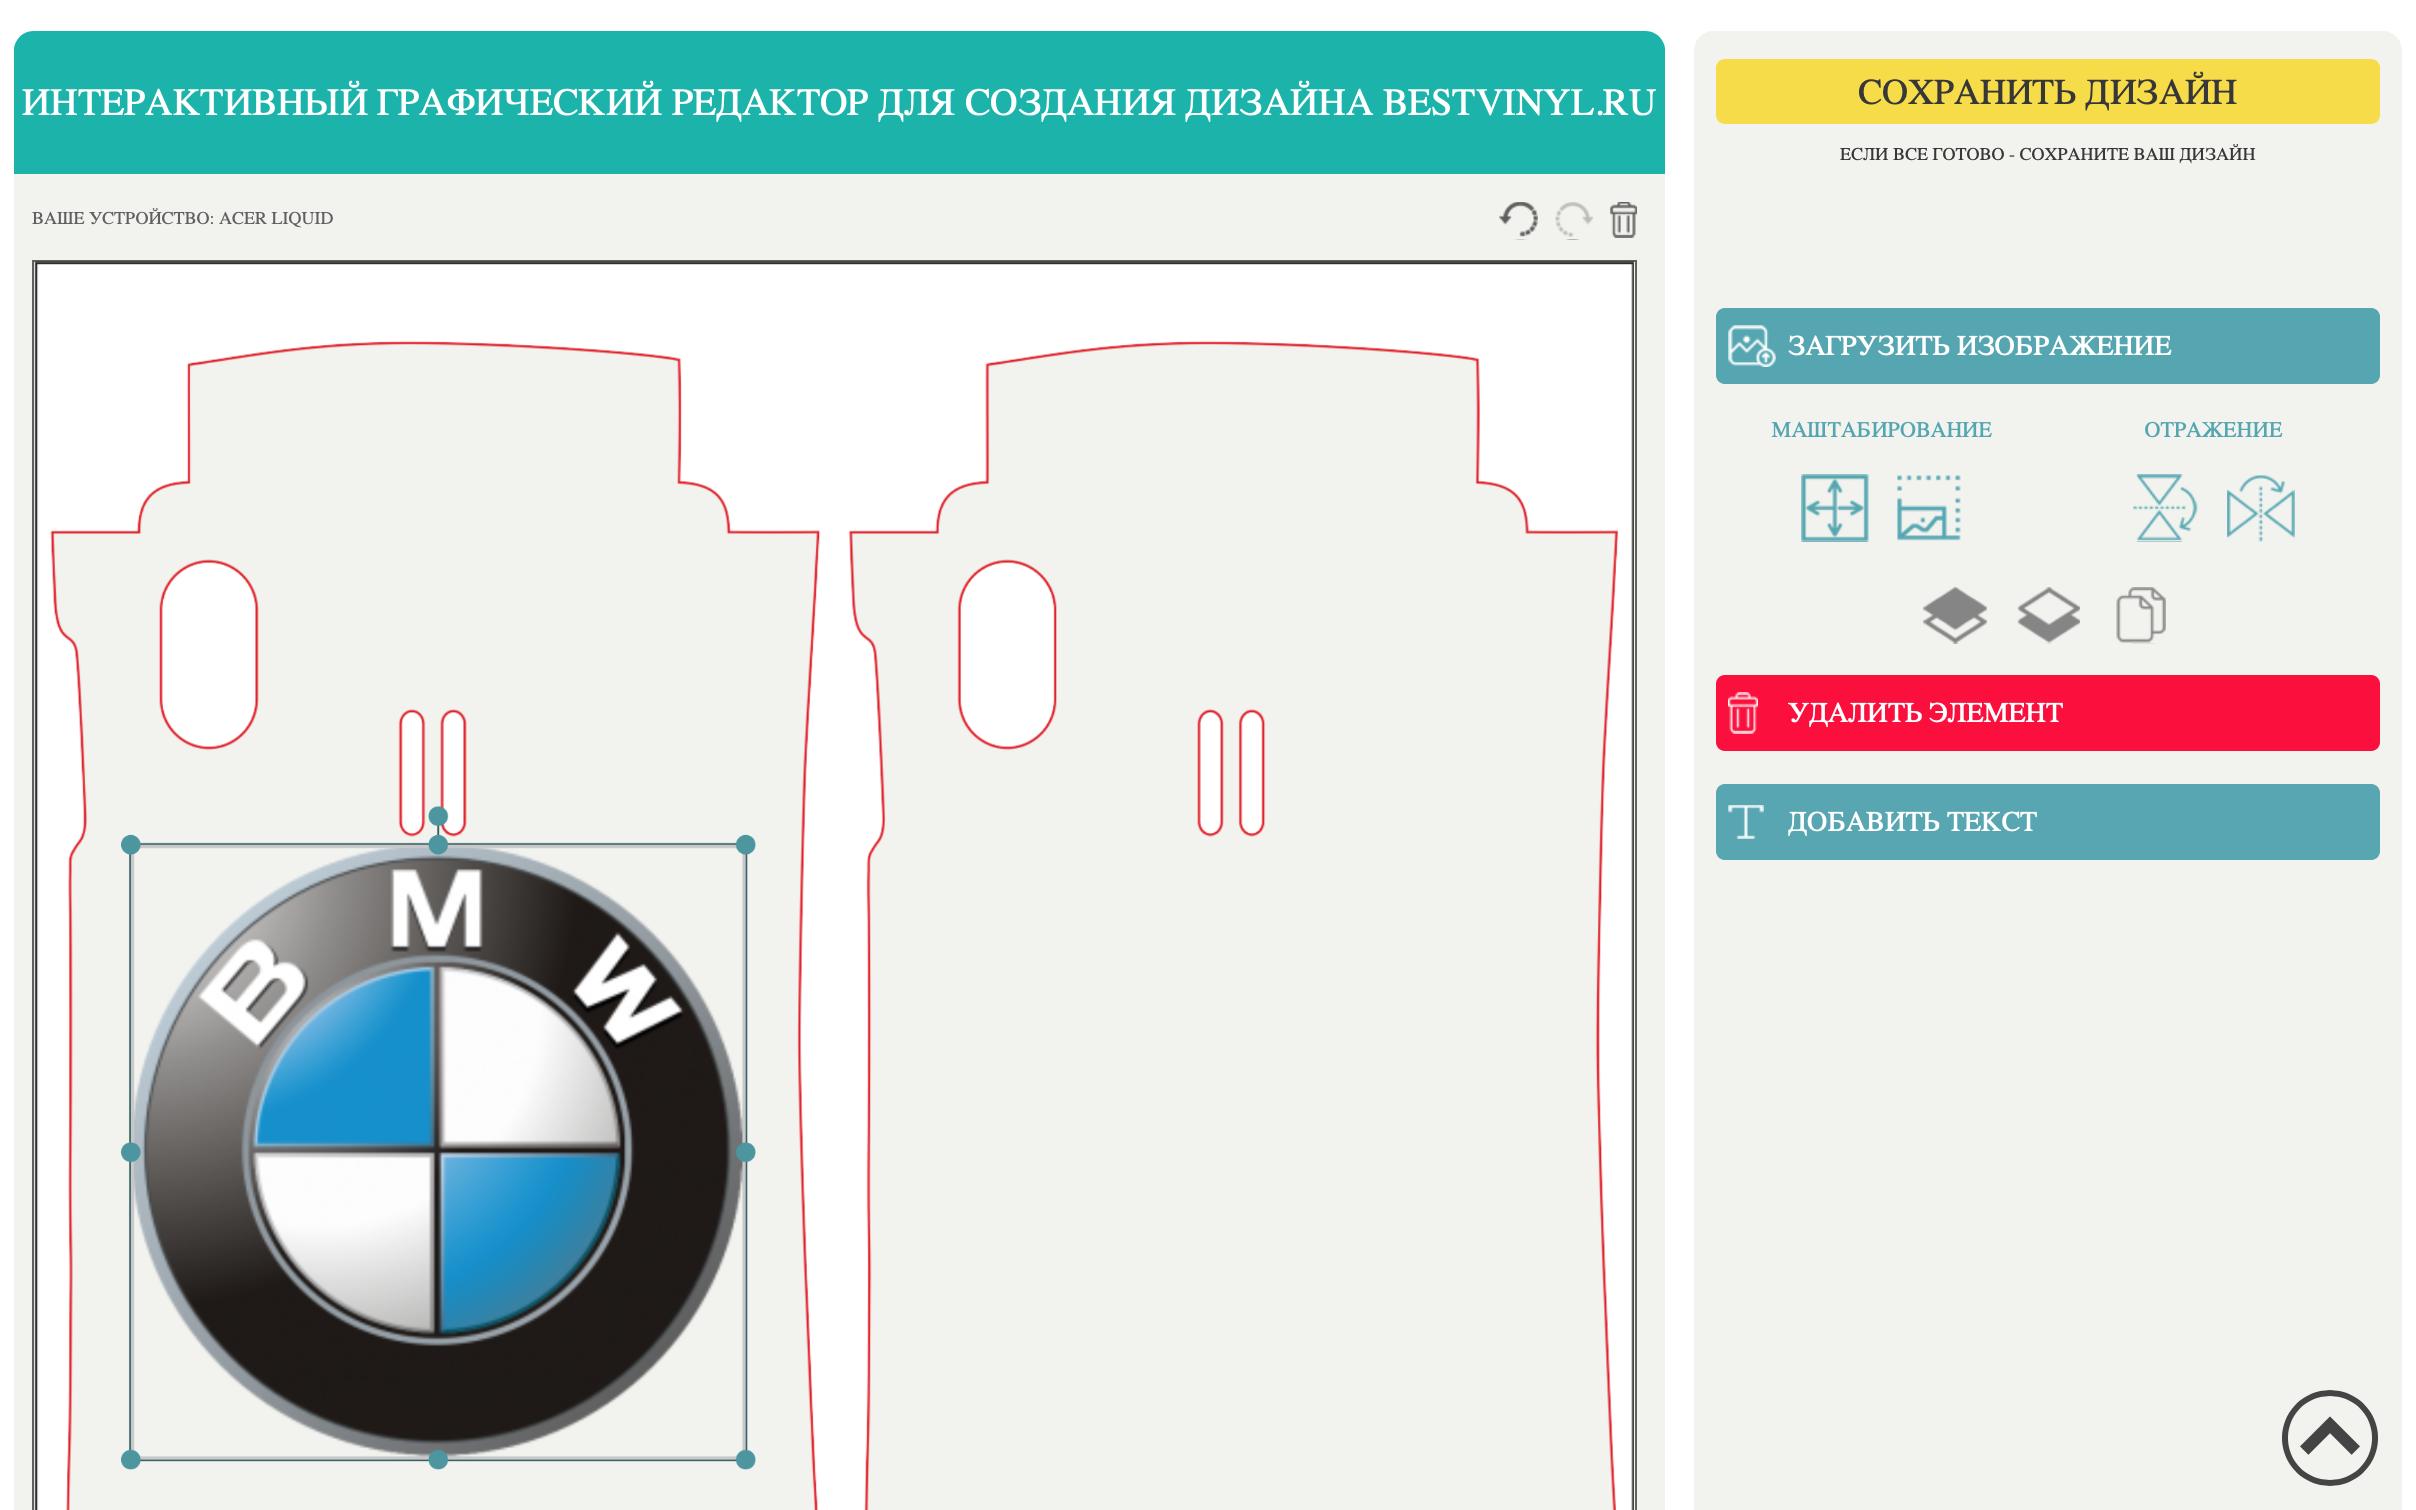 Интерактивный графический редактор на сайт